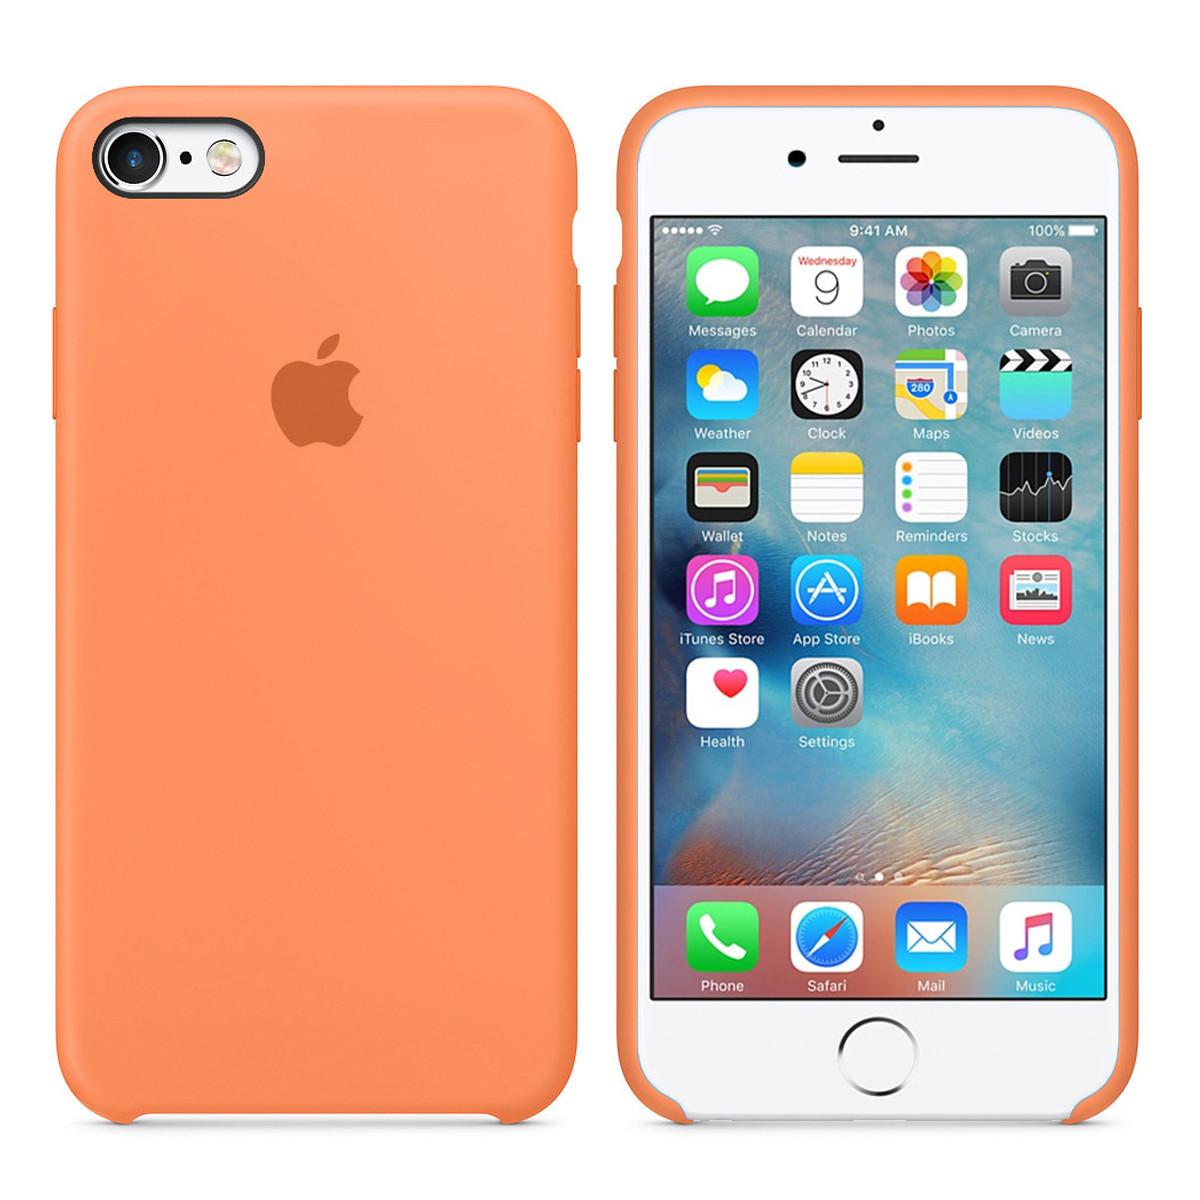 Силиконовый чехол для Apple iPhone 6 / 6S (4.7 Дюйма) Silicone case (Папайя)